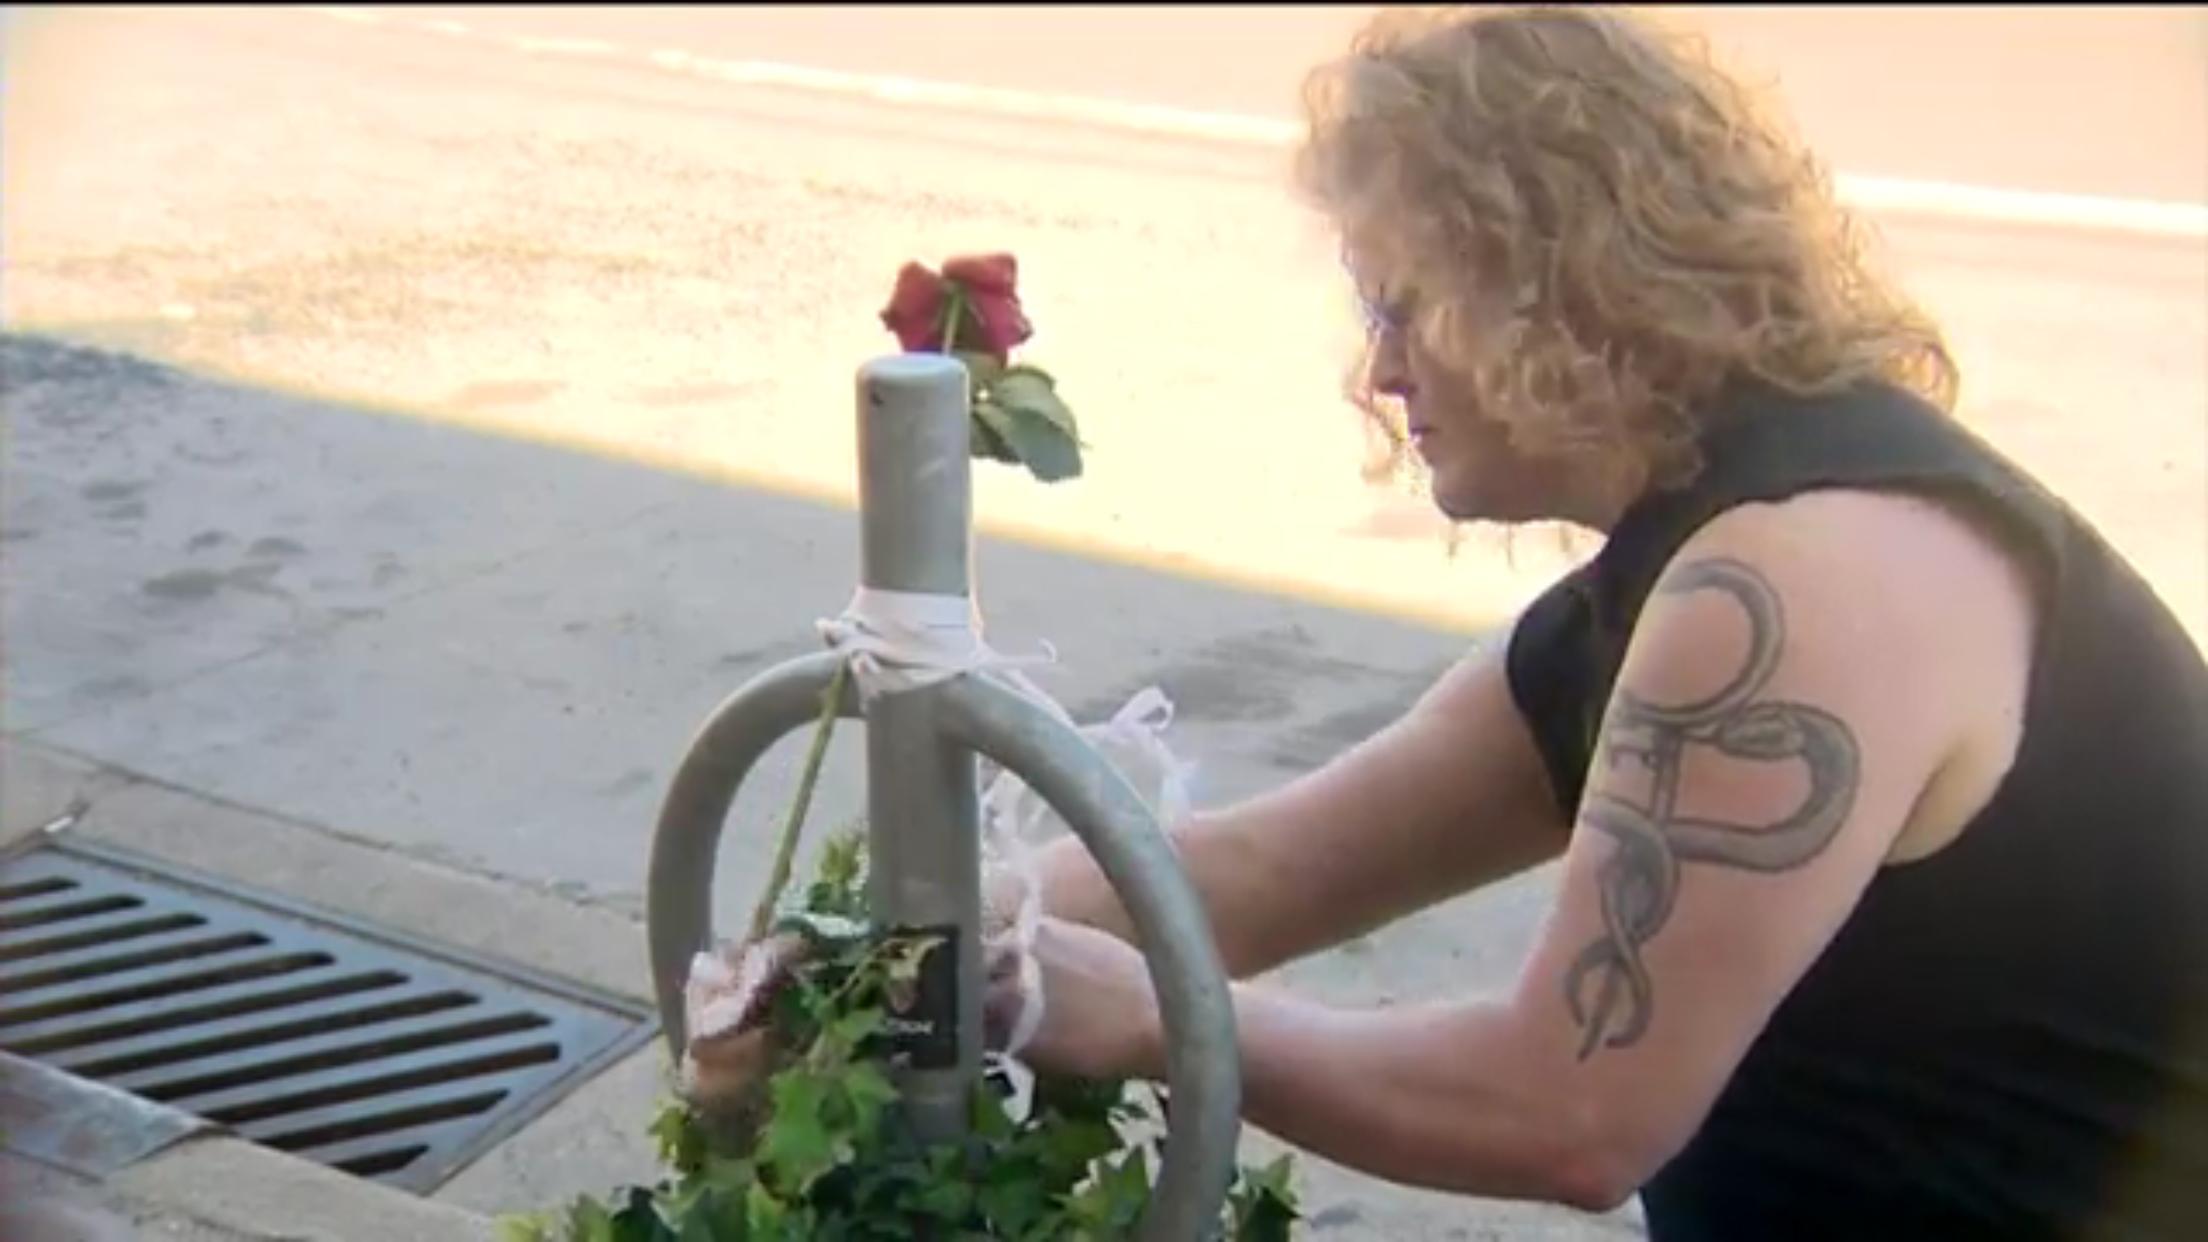 目擊民眾席格爾在車禍發生後,於事發現場為死亡女學生綁上白緞帶表悼念。(WISC新聞視頻截圖)